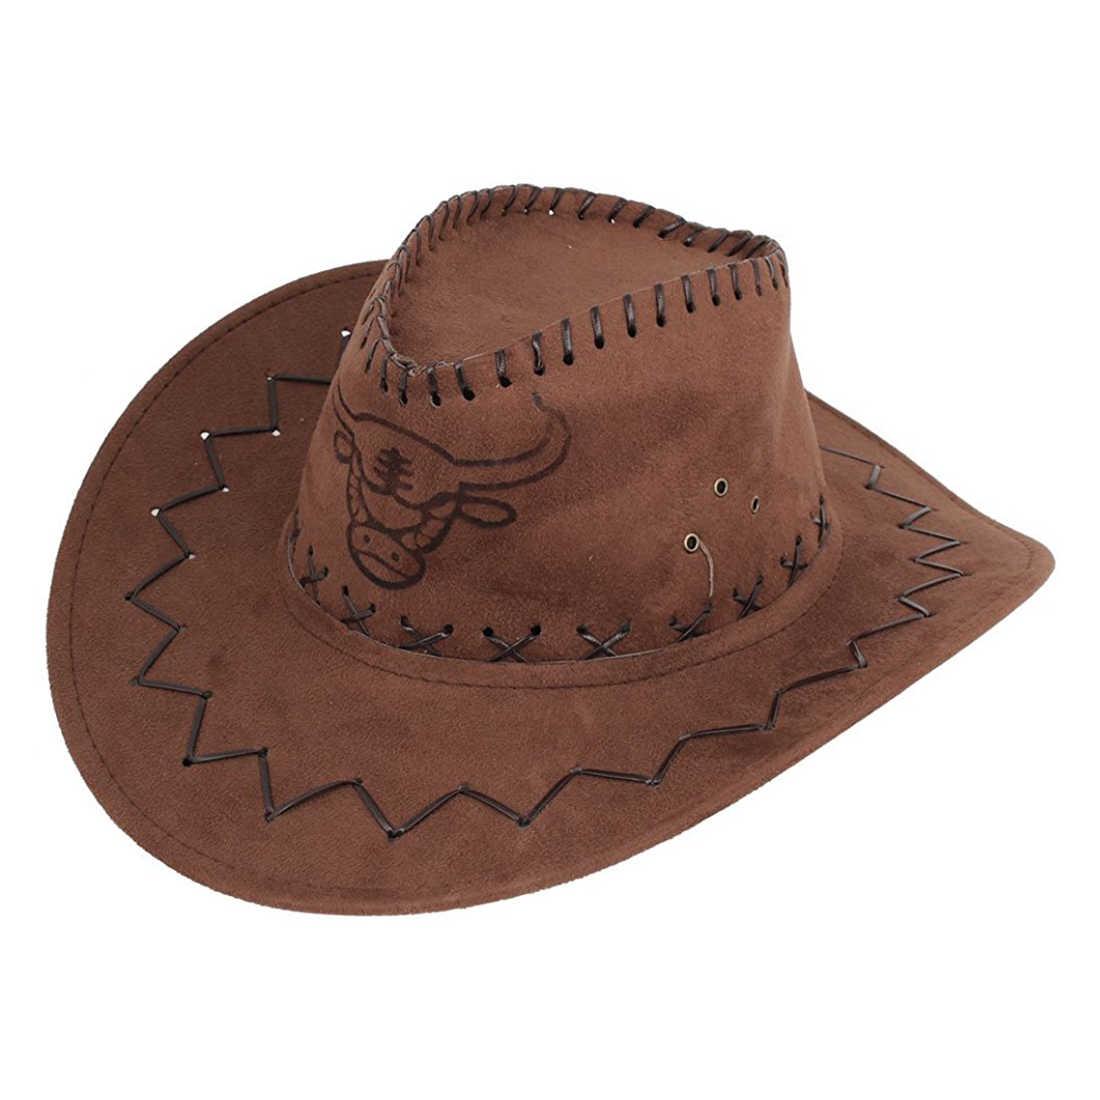 Hombres franela Correa sinuoso vaca cabeza patrón Faux Suede sombrero de  vaquero marrón 41cbc4a20bf